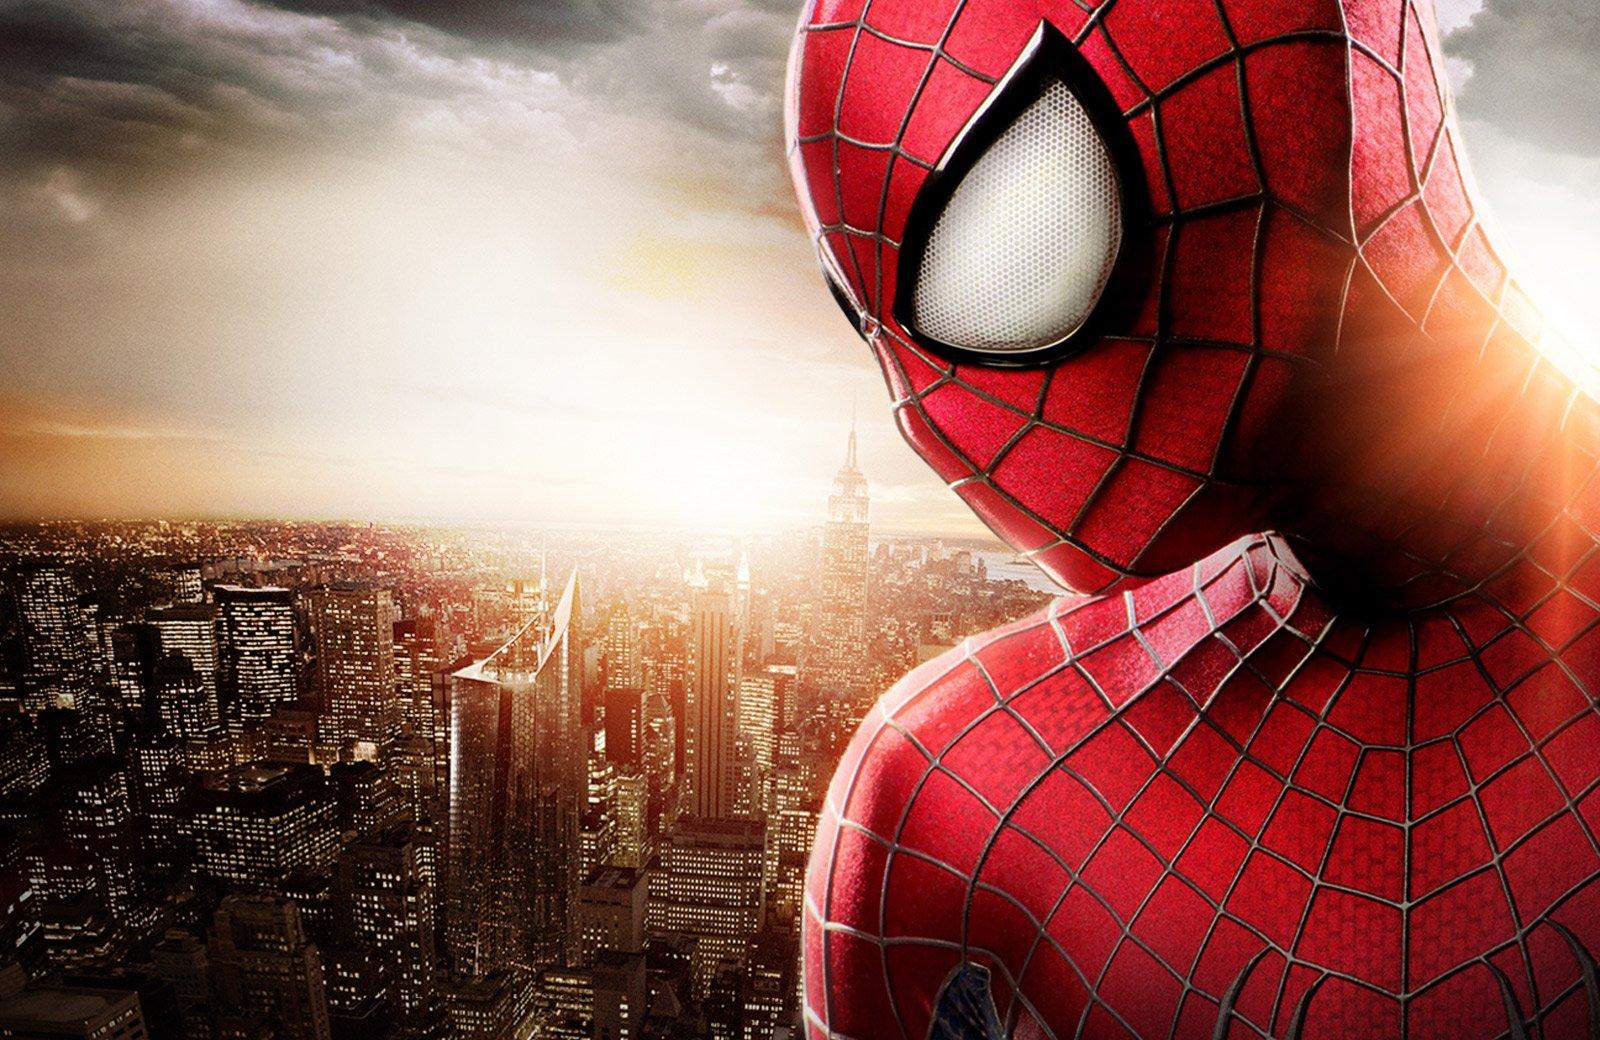 У кого получается играть в The Amazing Spider-Man 2? - Изображение 1